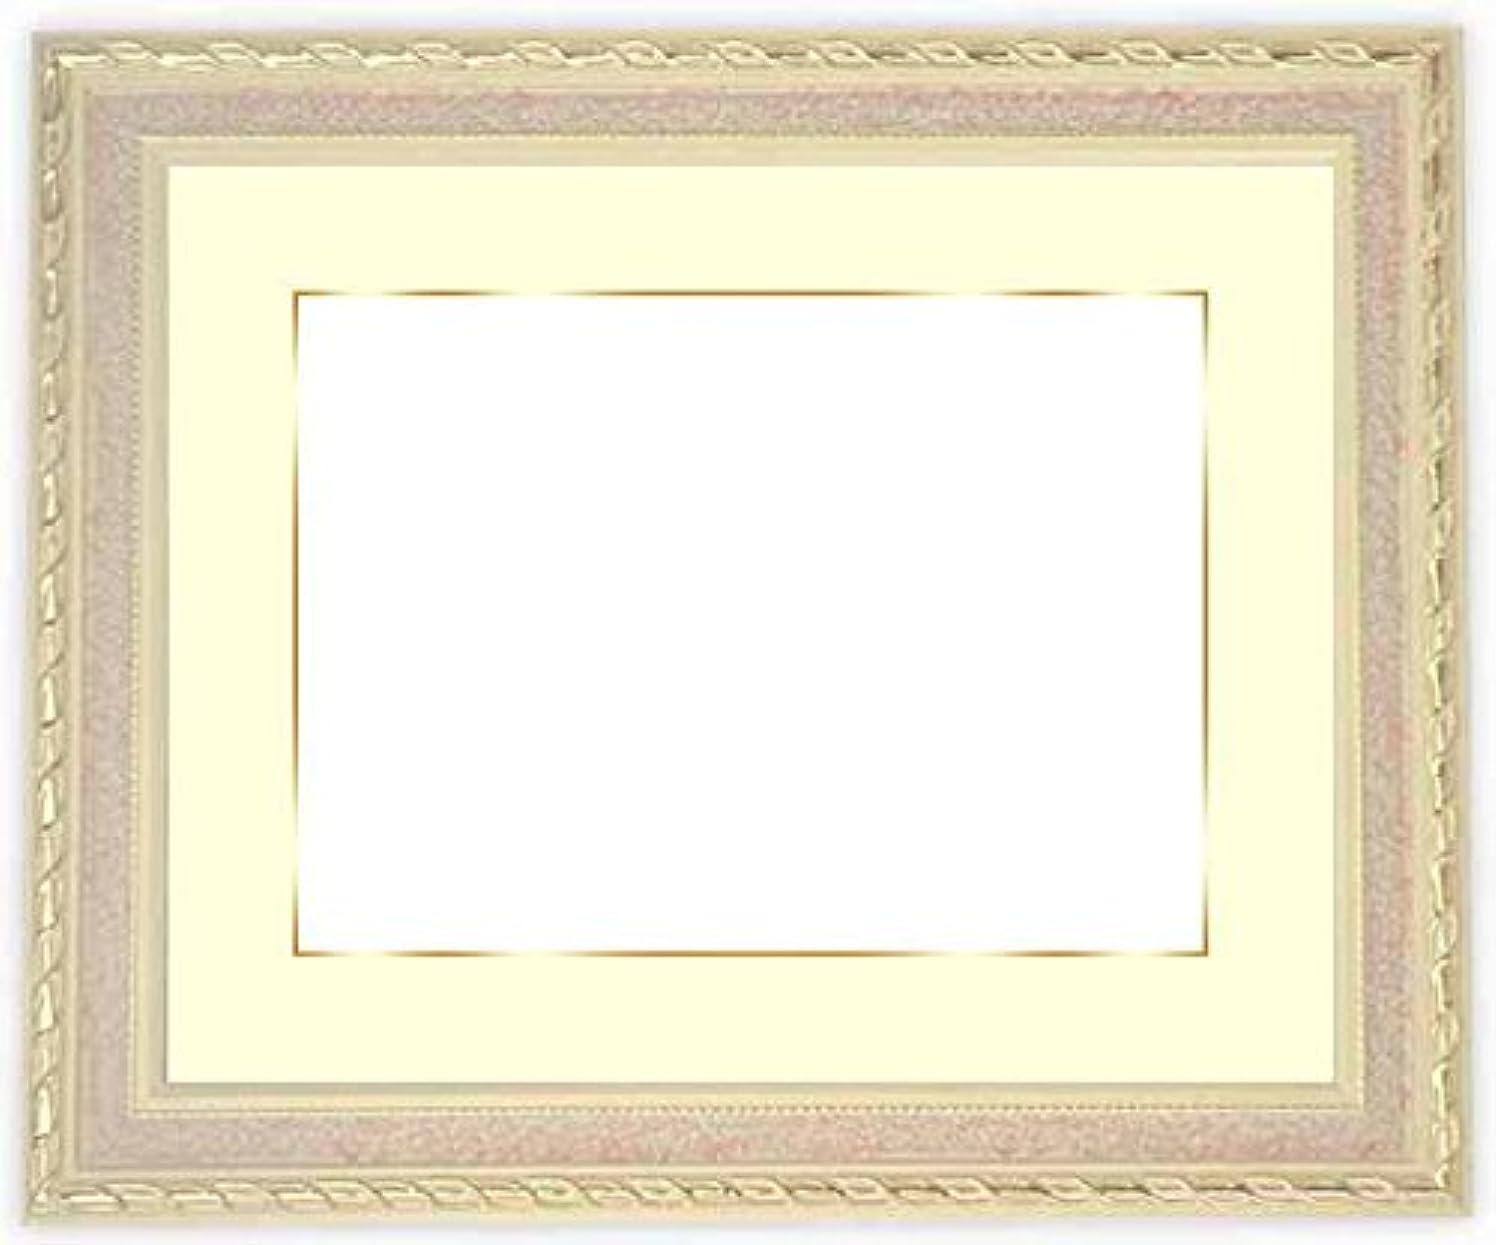 飛行機蒸落胆する写真用額縁 5663/ピンク A4(297×210mm) ガラス マット付(金色細縁付き) 写真/5663/ピンク マット色:黒